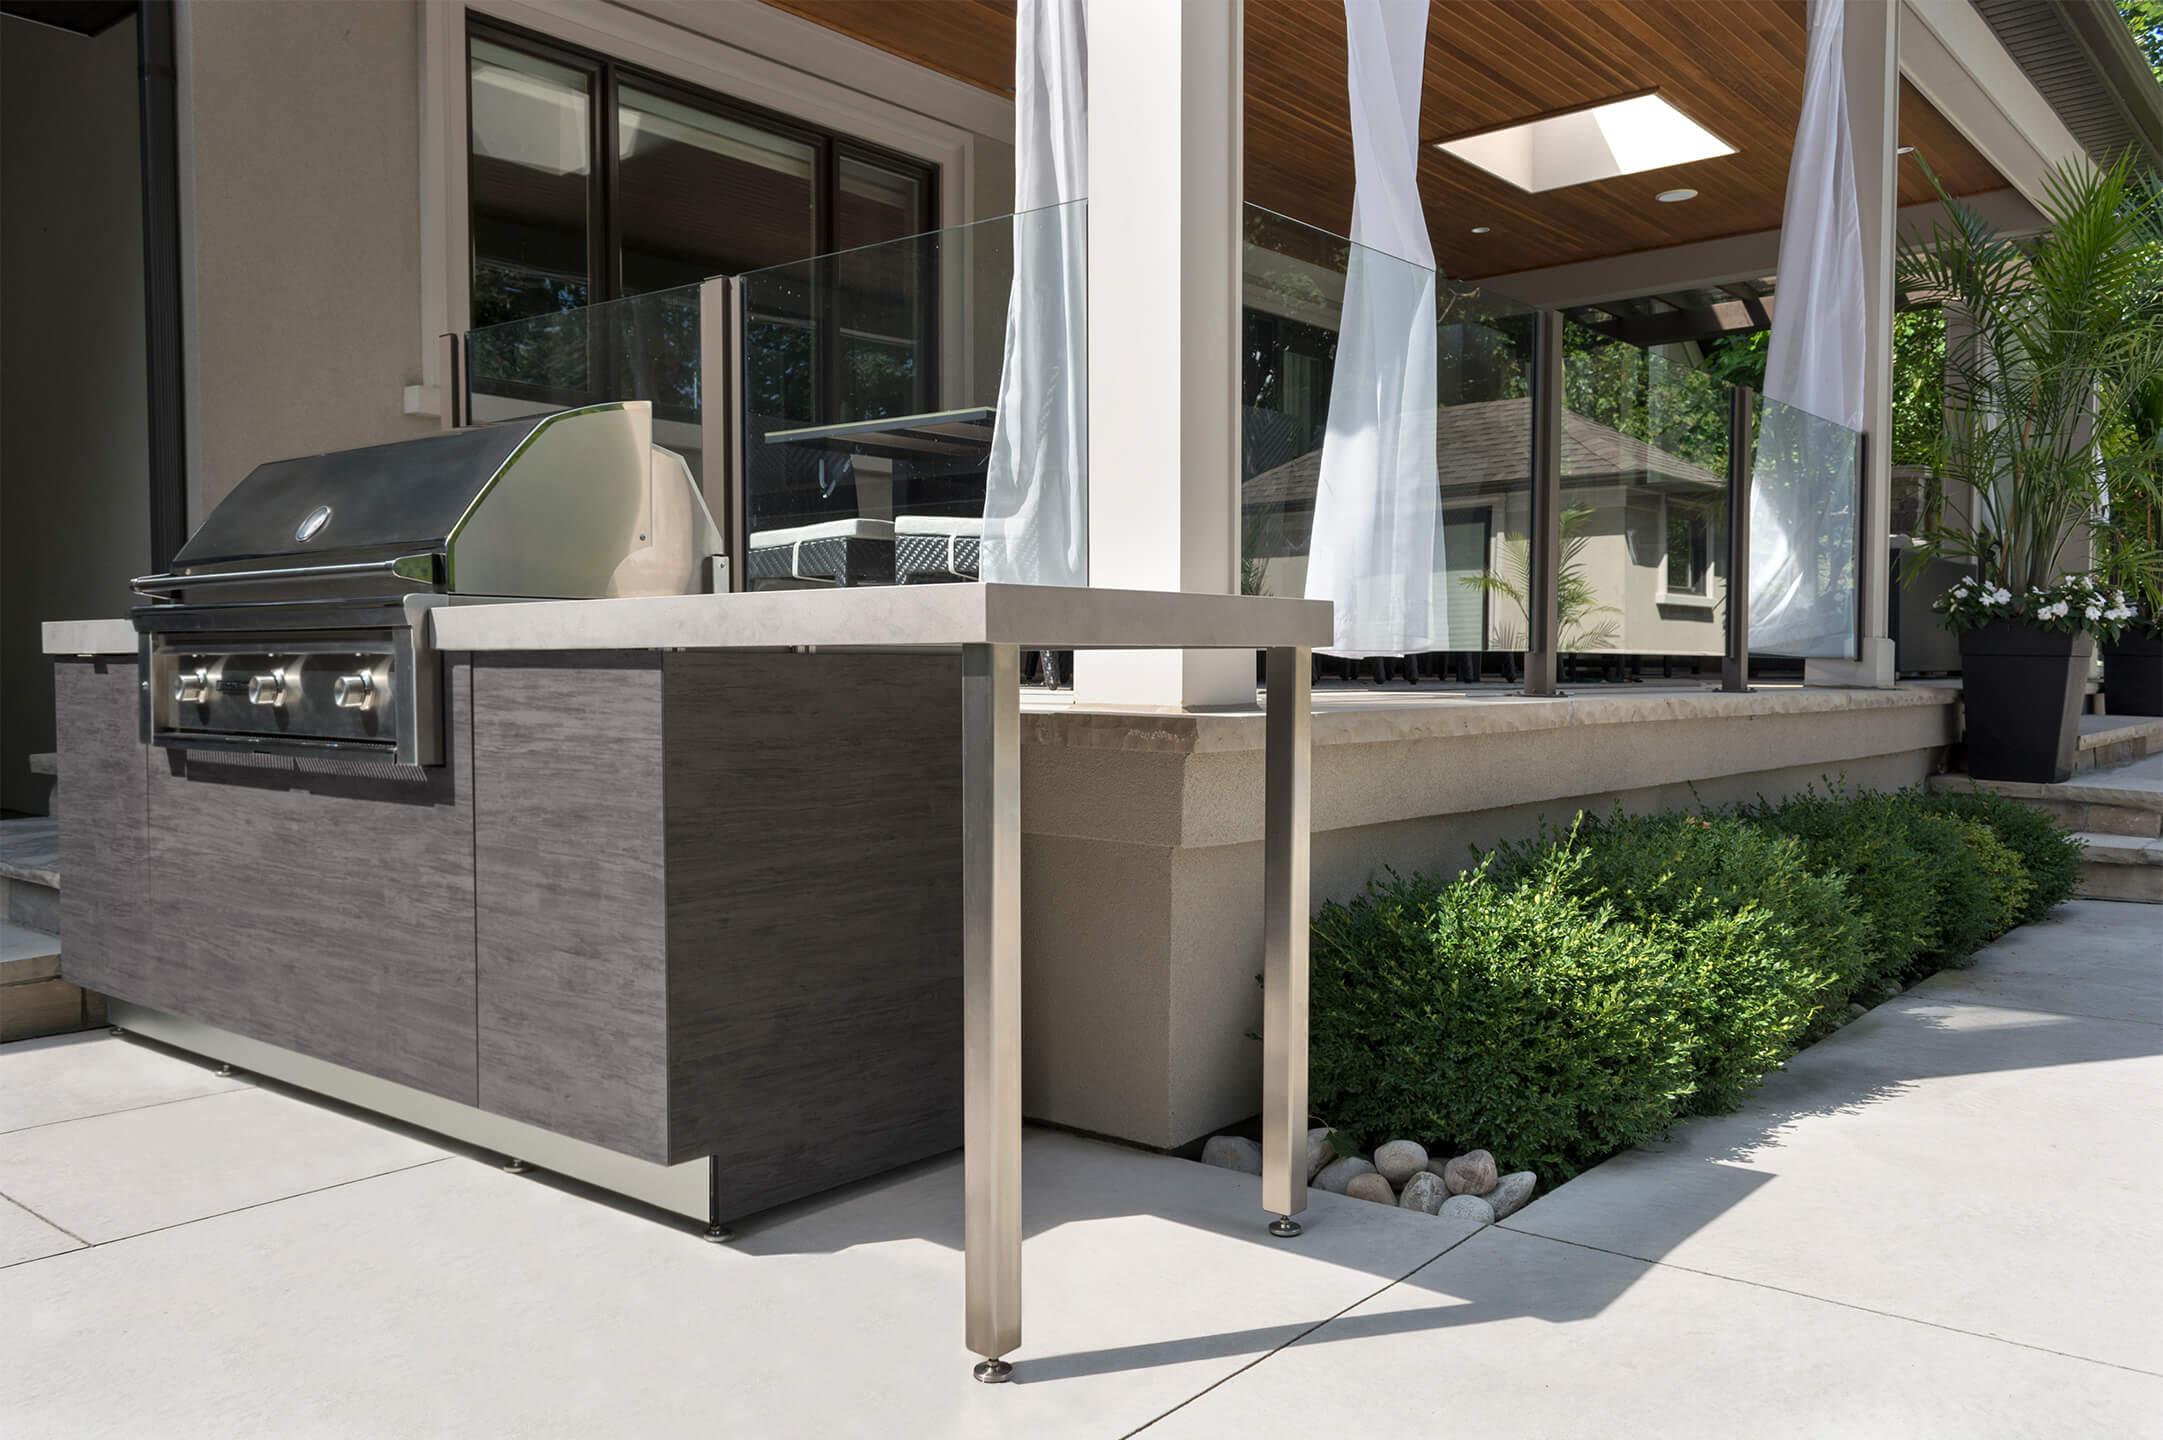 Garden Living - Outdoor Kitchens 8.jpg